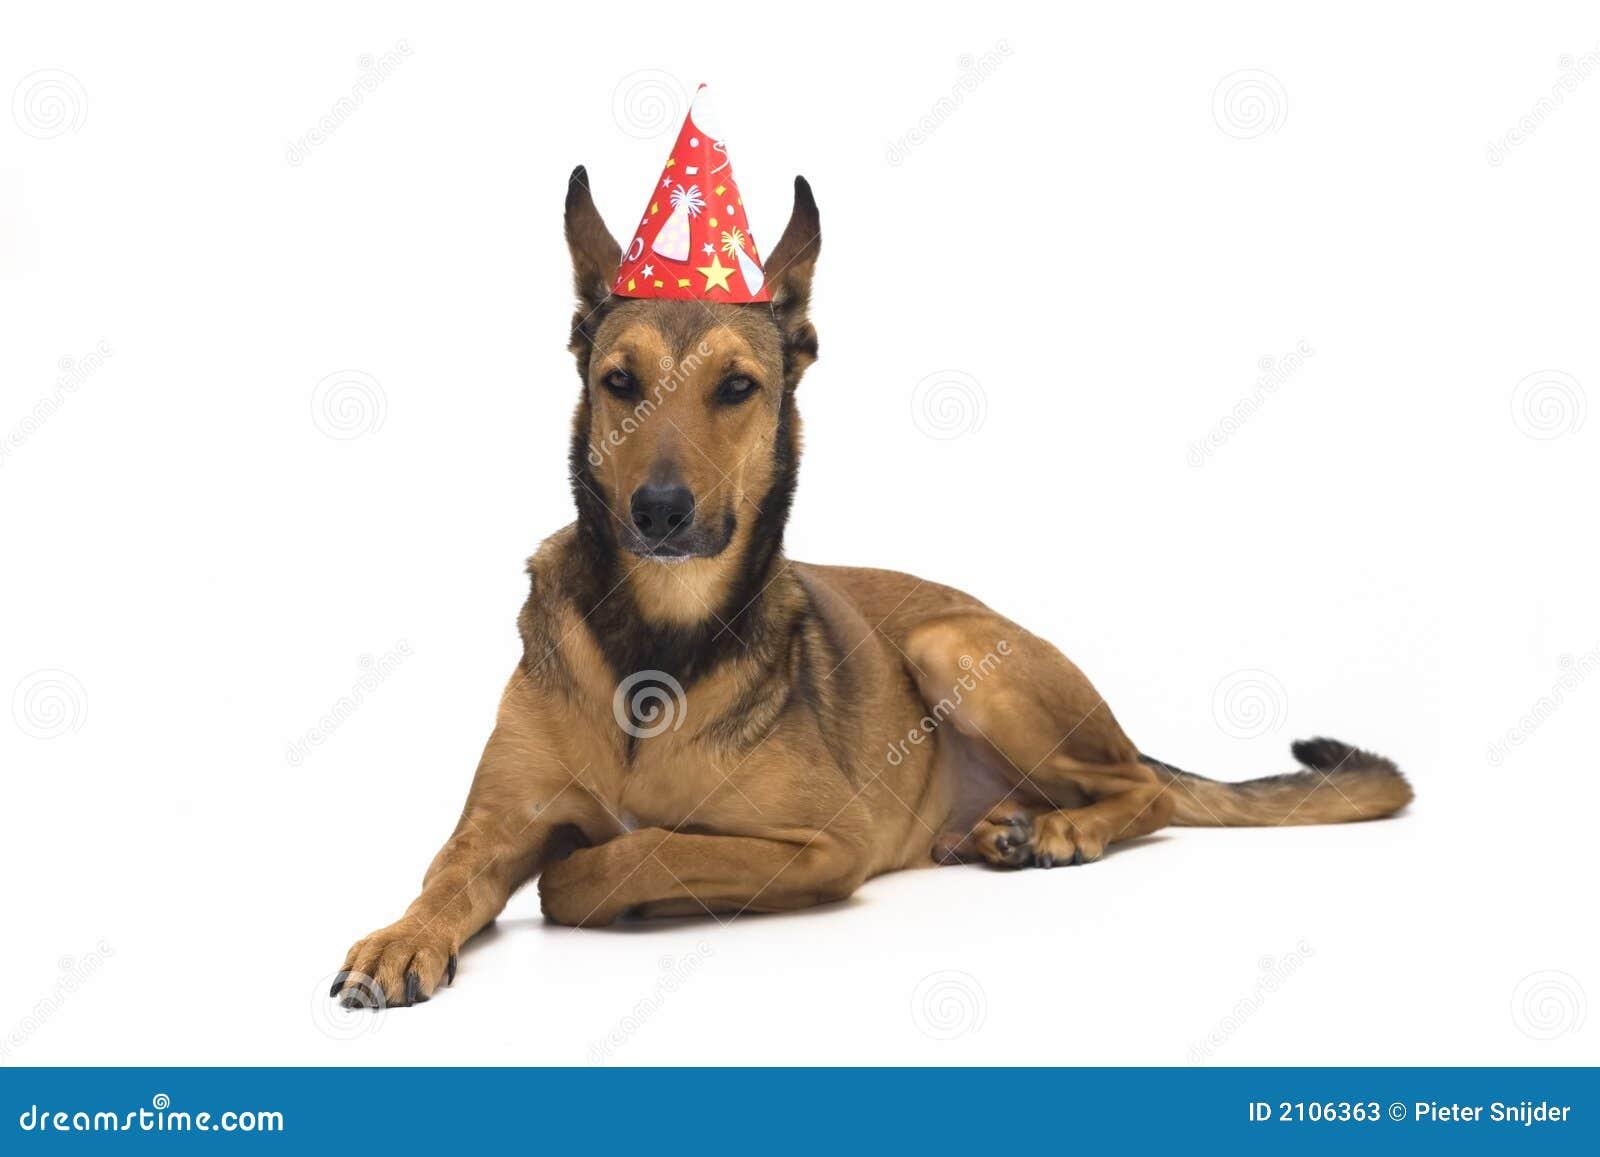 De Hond Van De Verjaardag Stock Afbeelding Afbeelding Bestaande Uit